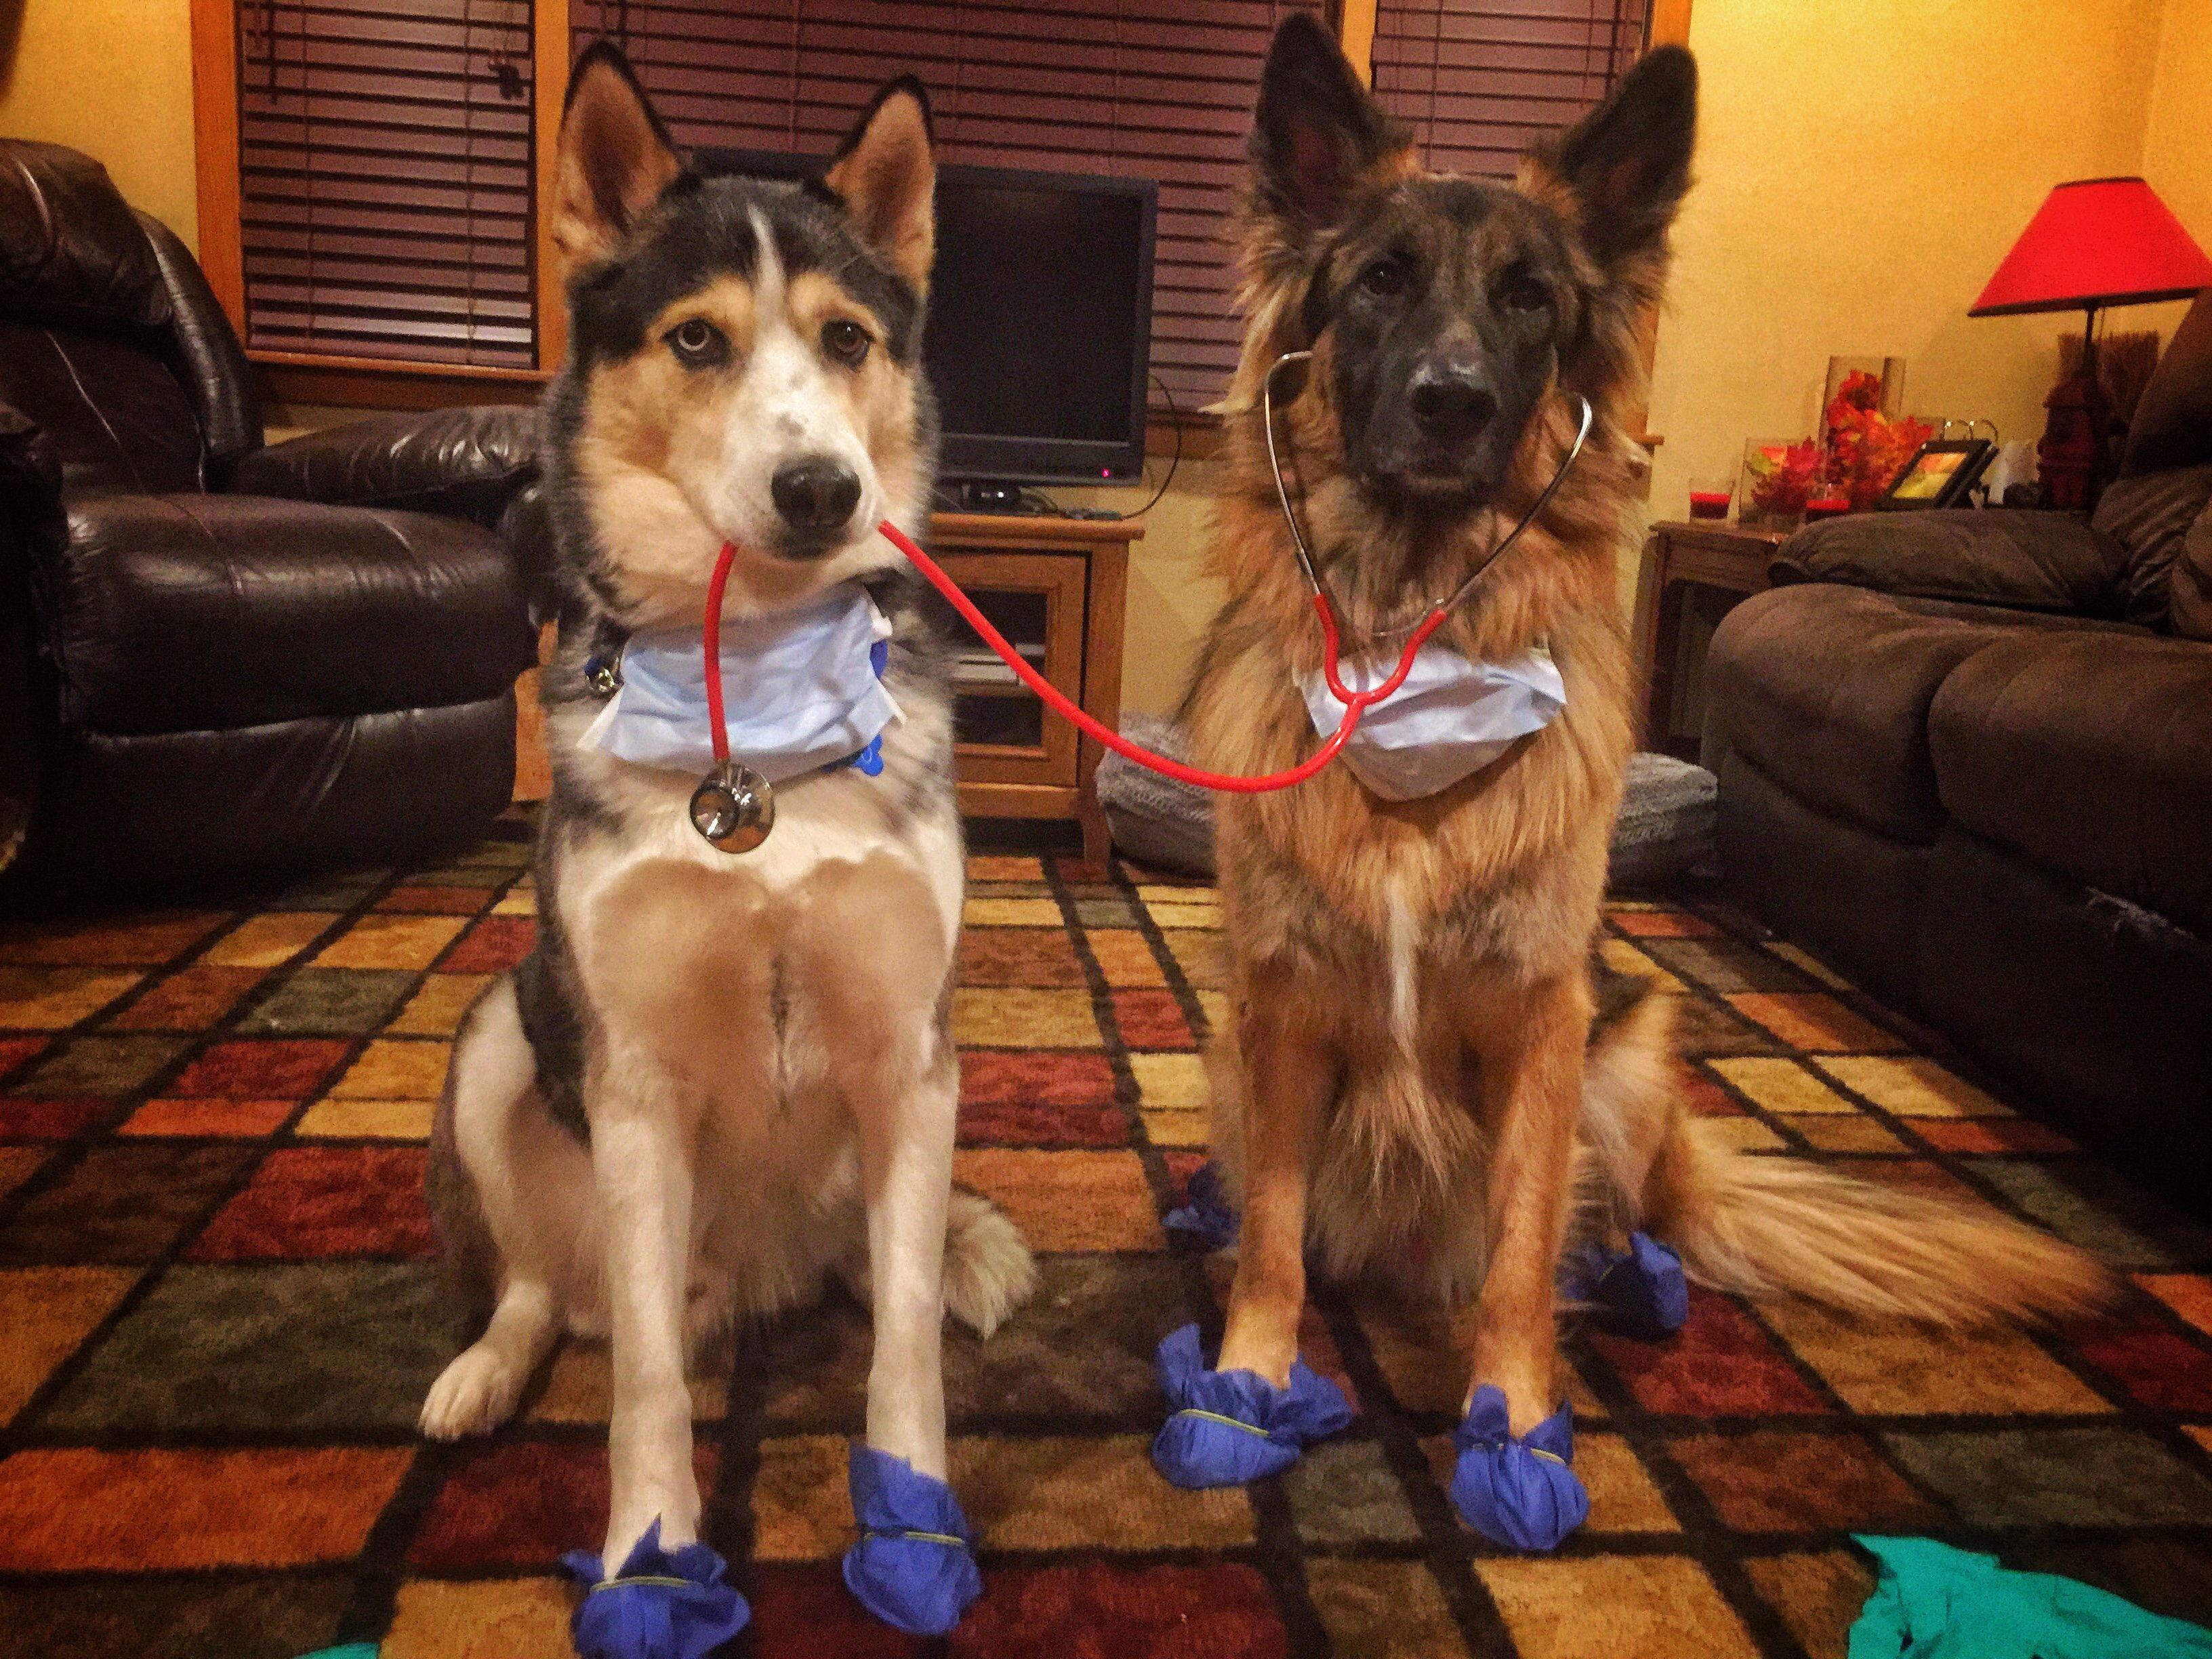 Pin by Kelsey Paige on DIY German shepherd dogs, Dogs